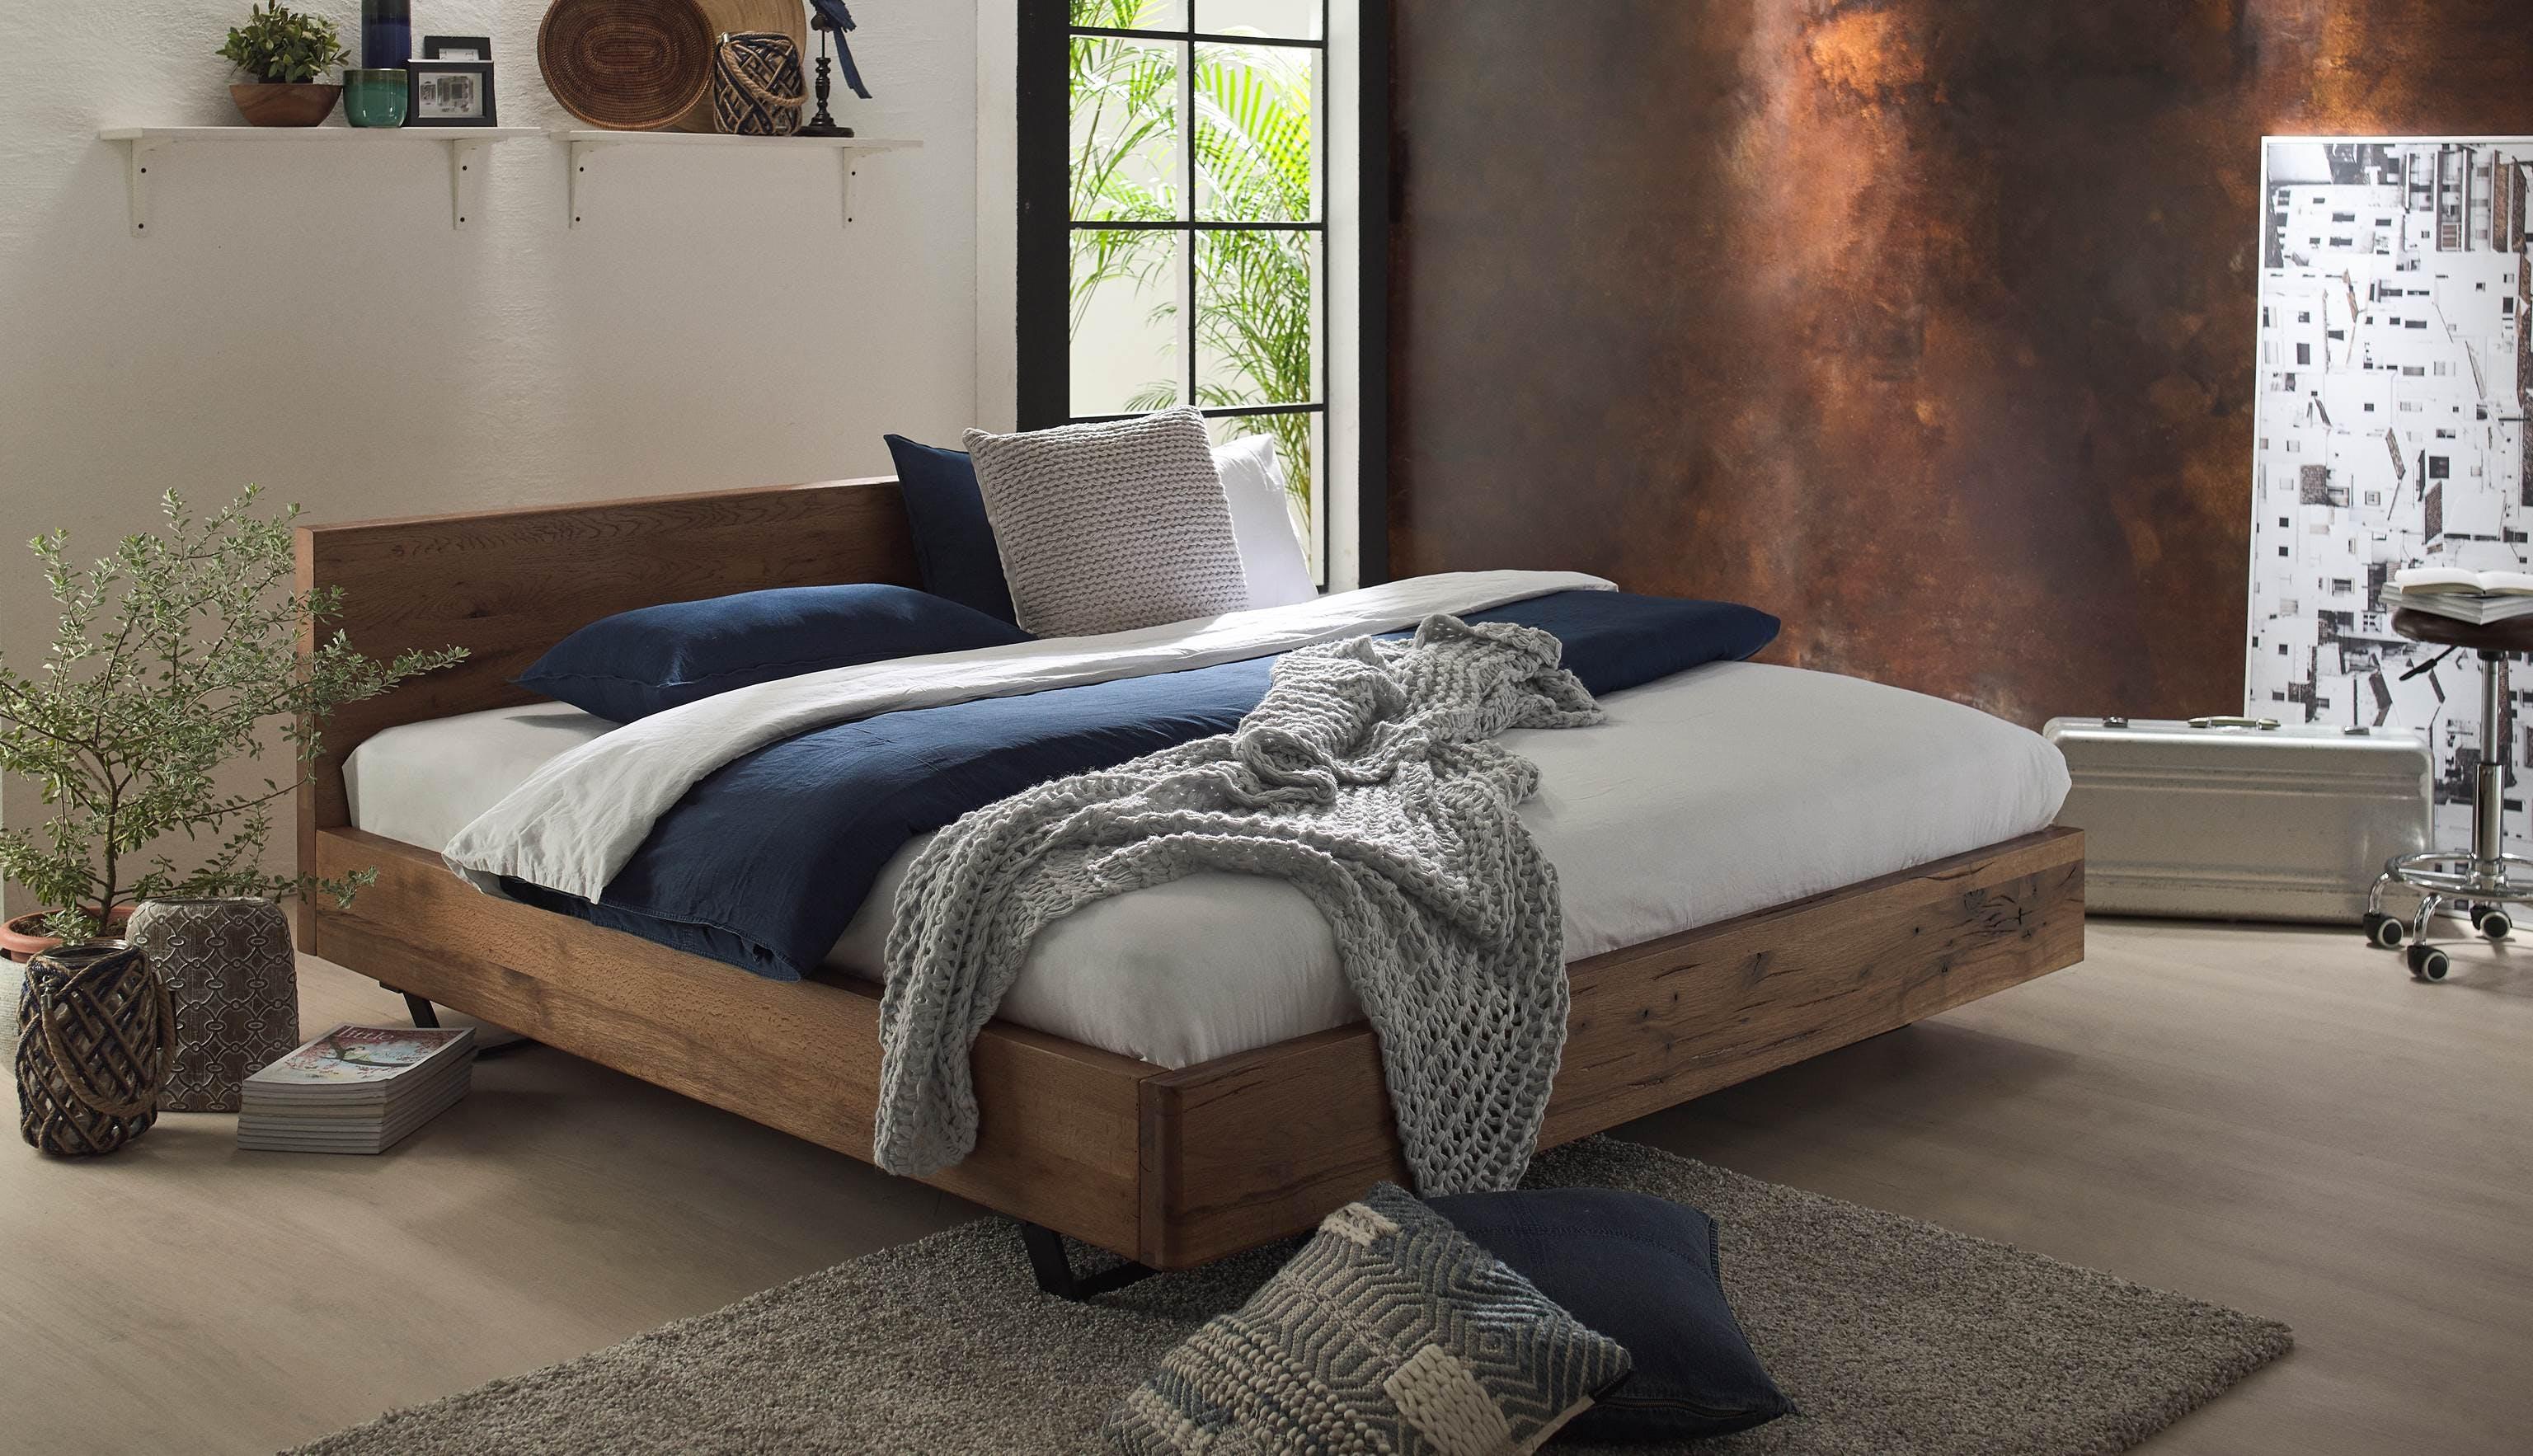 Oliver B Rest Bed Frame King Size Harvey Norman Singapore